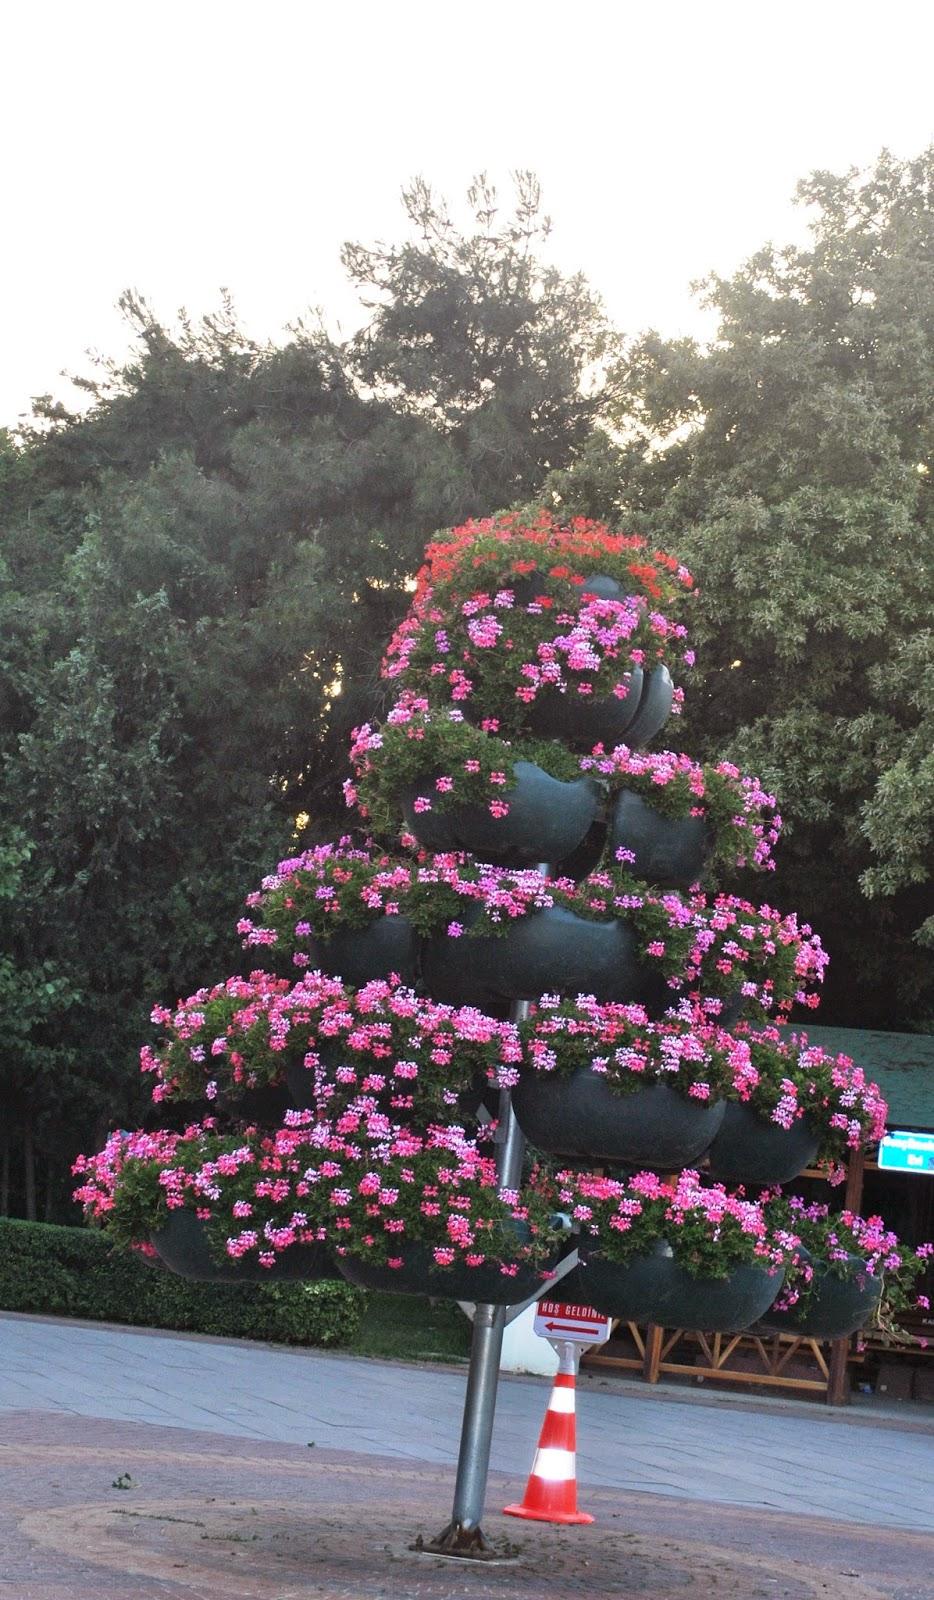 göztepe özgürlük parkı, goztepe ozgurluk parki